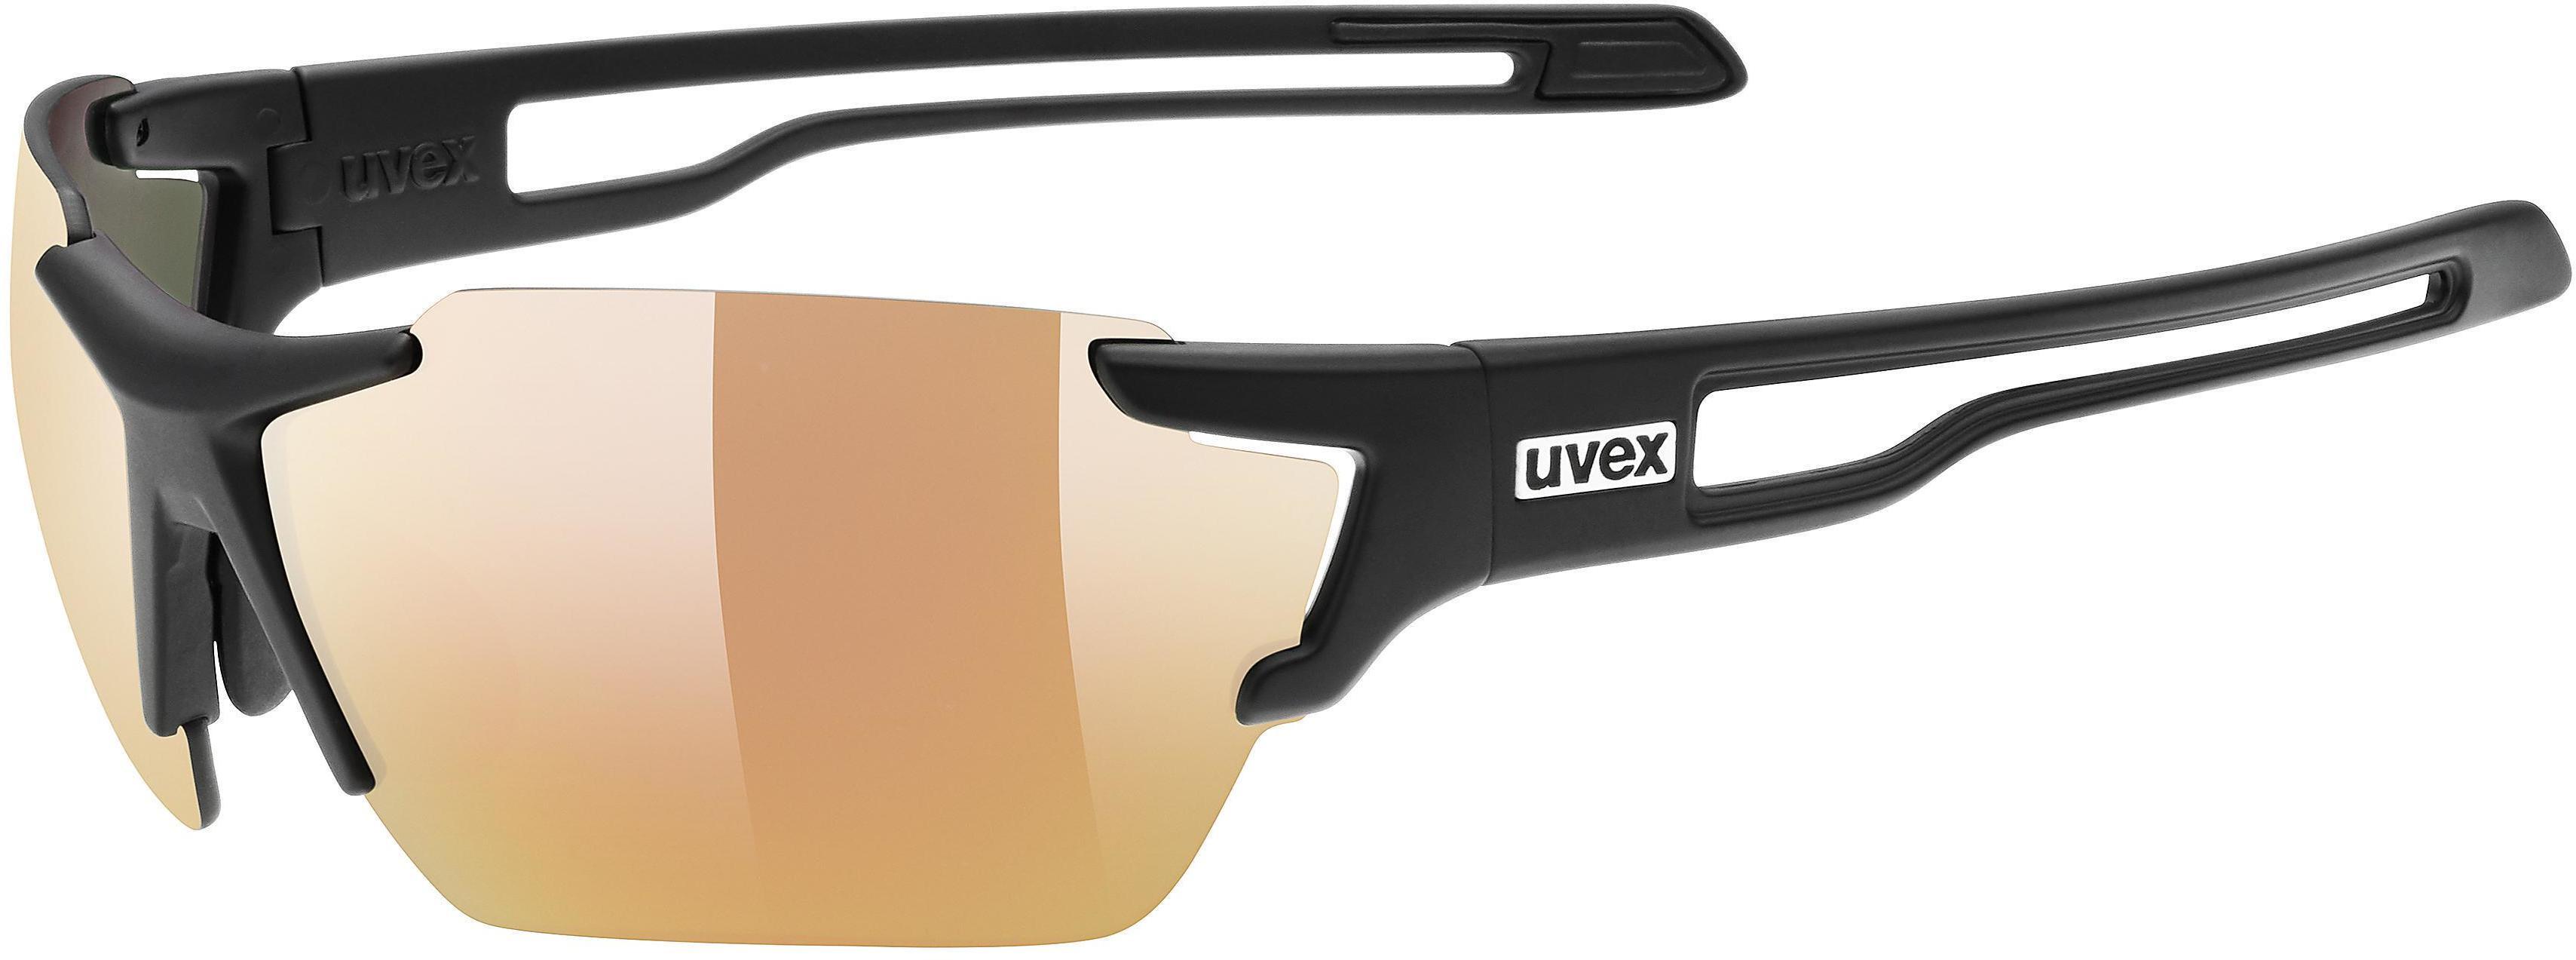 f1daa852dca8 UVEX Sportstyle 803 CV VM Bike Glasses black at Bikester.co.uk